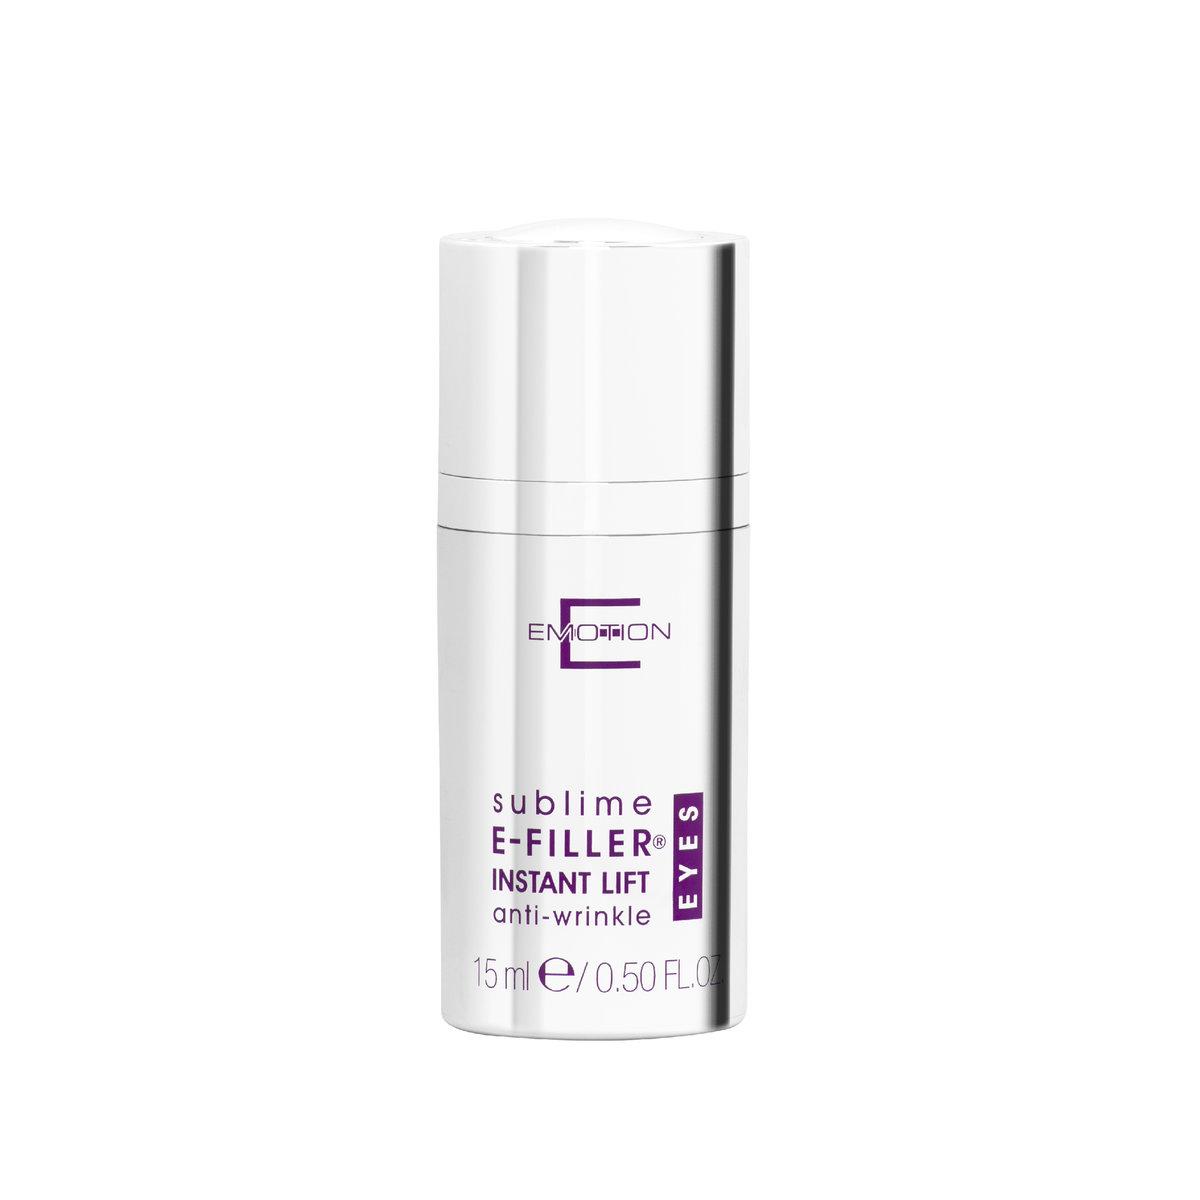 E-Filler® Instant Lift Eye Serum